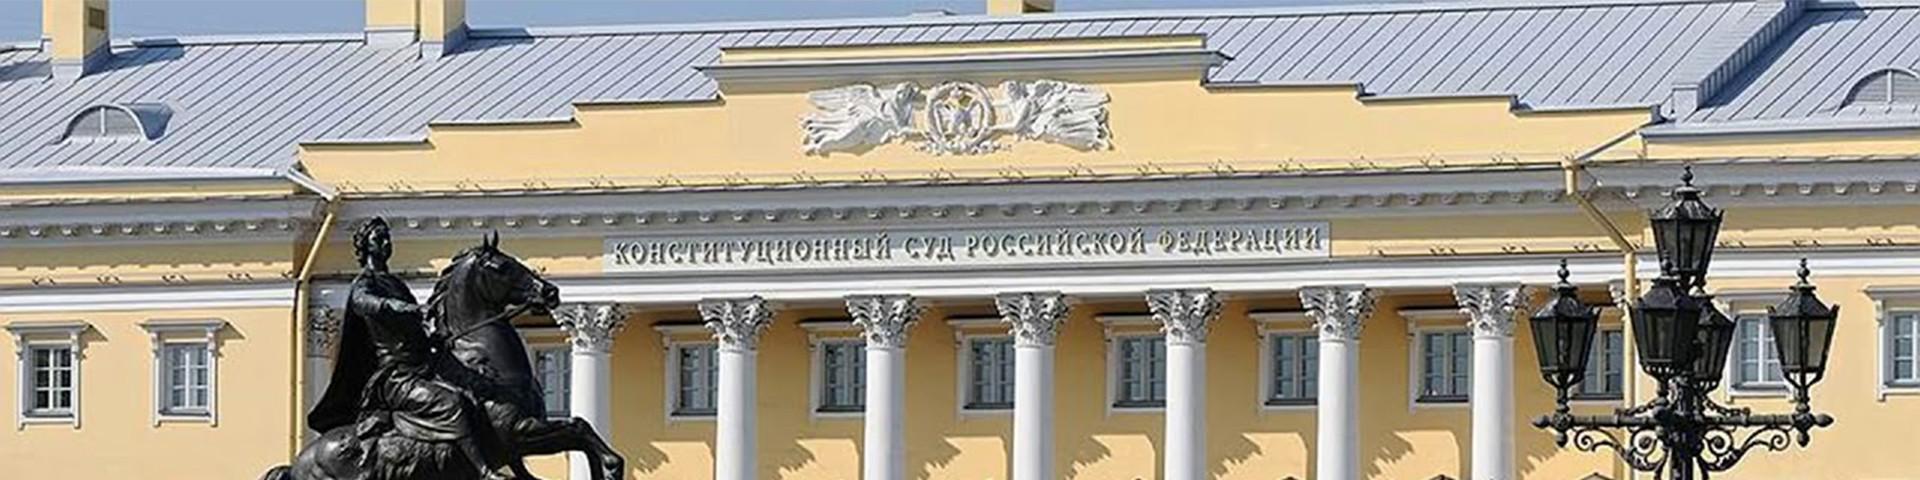 Бенефициаров «брошенок» привлекут к субсидиарной ответственности. Свежие разъяснения КС